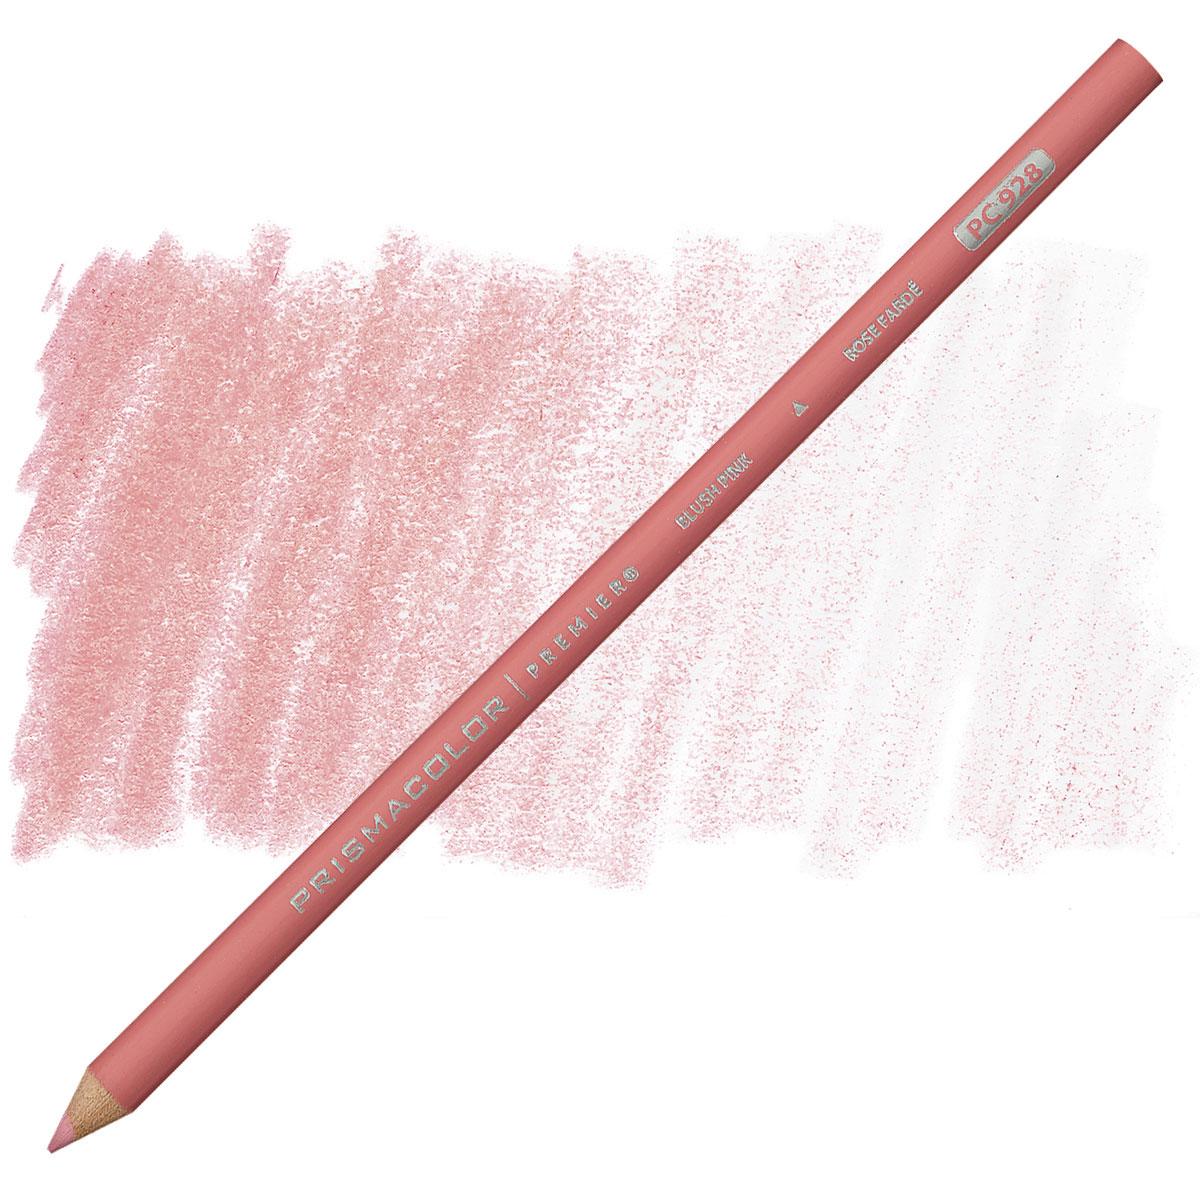 Карандаш Prismacolor Premier - PC928, цвет Розовая румяна - Blush Pink